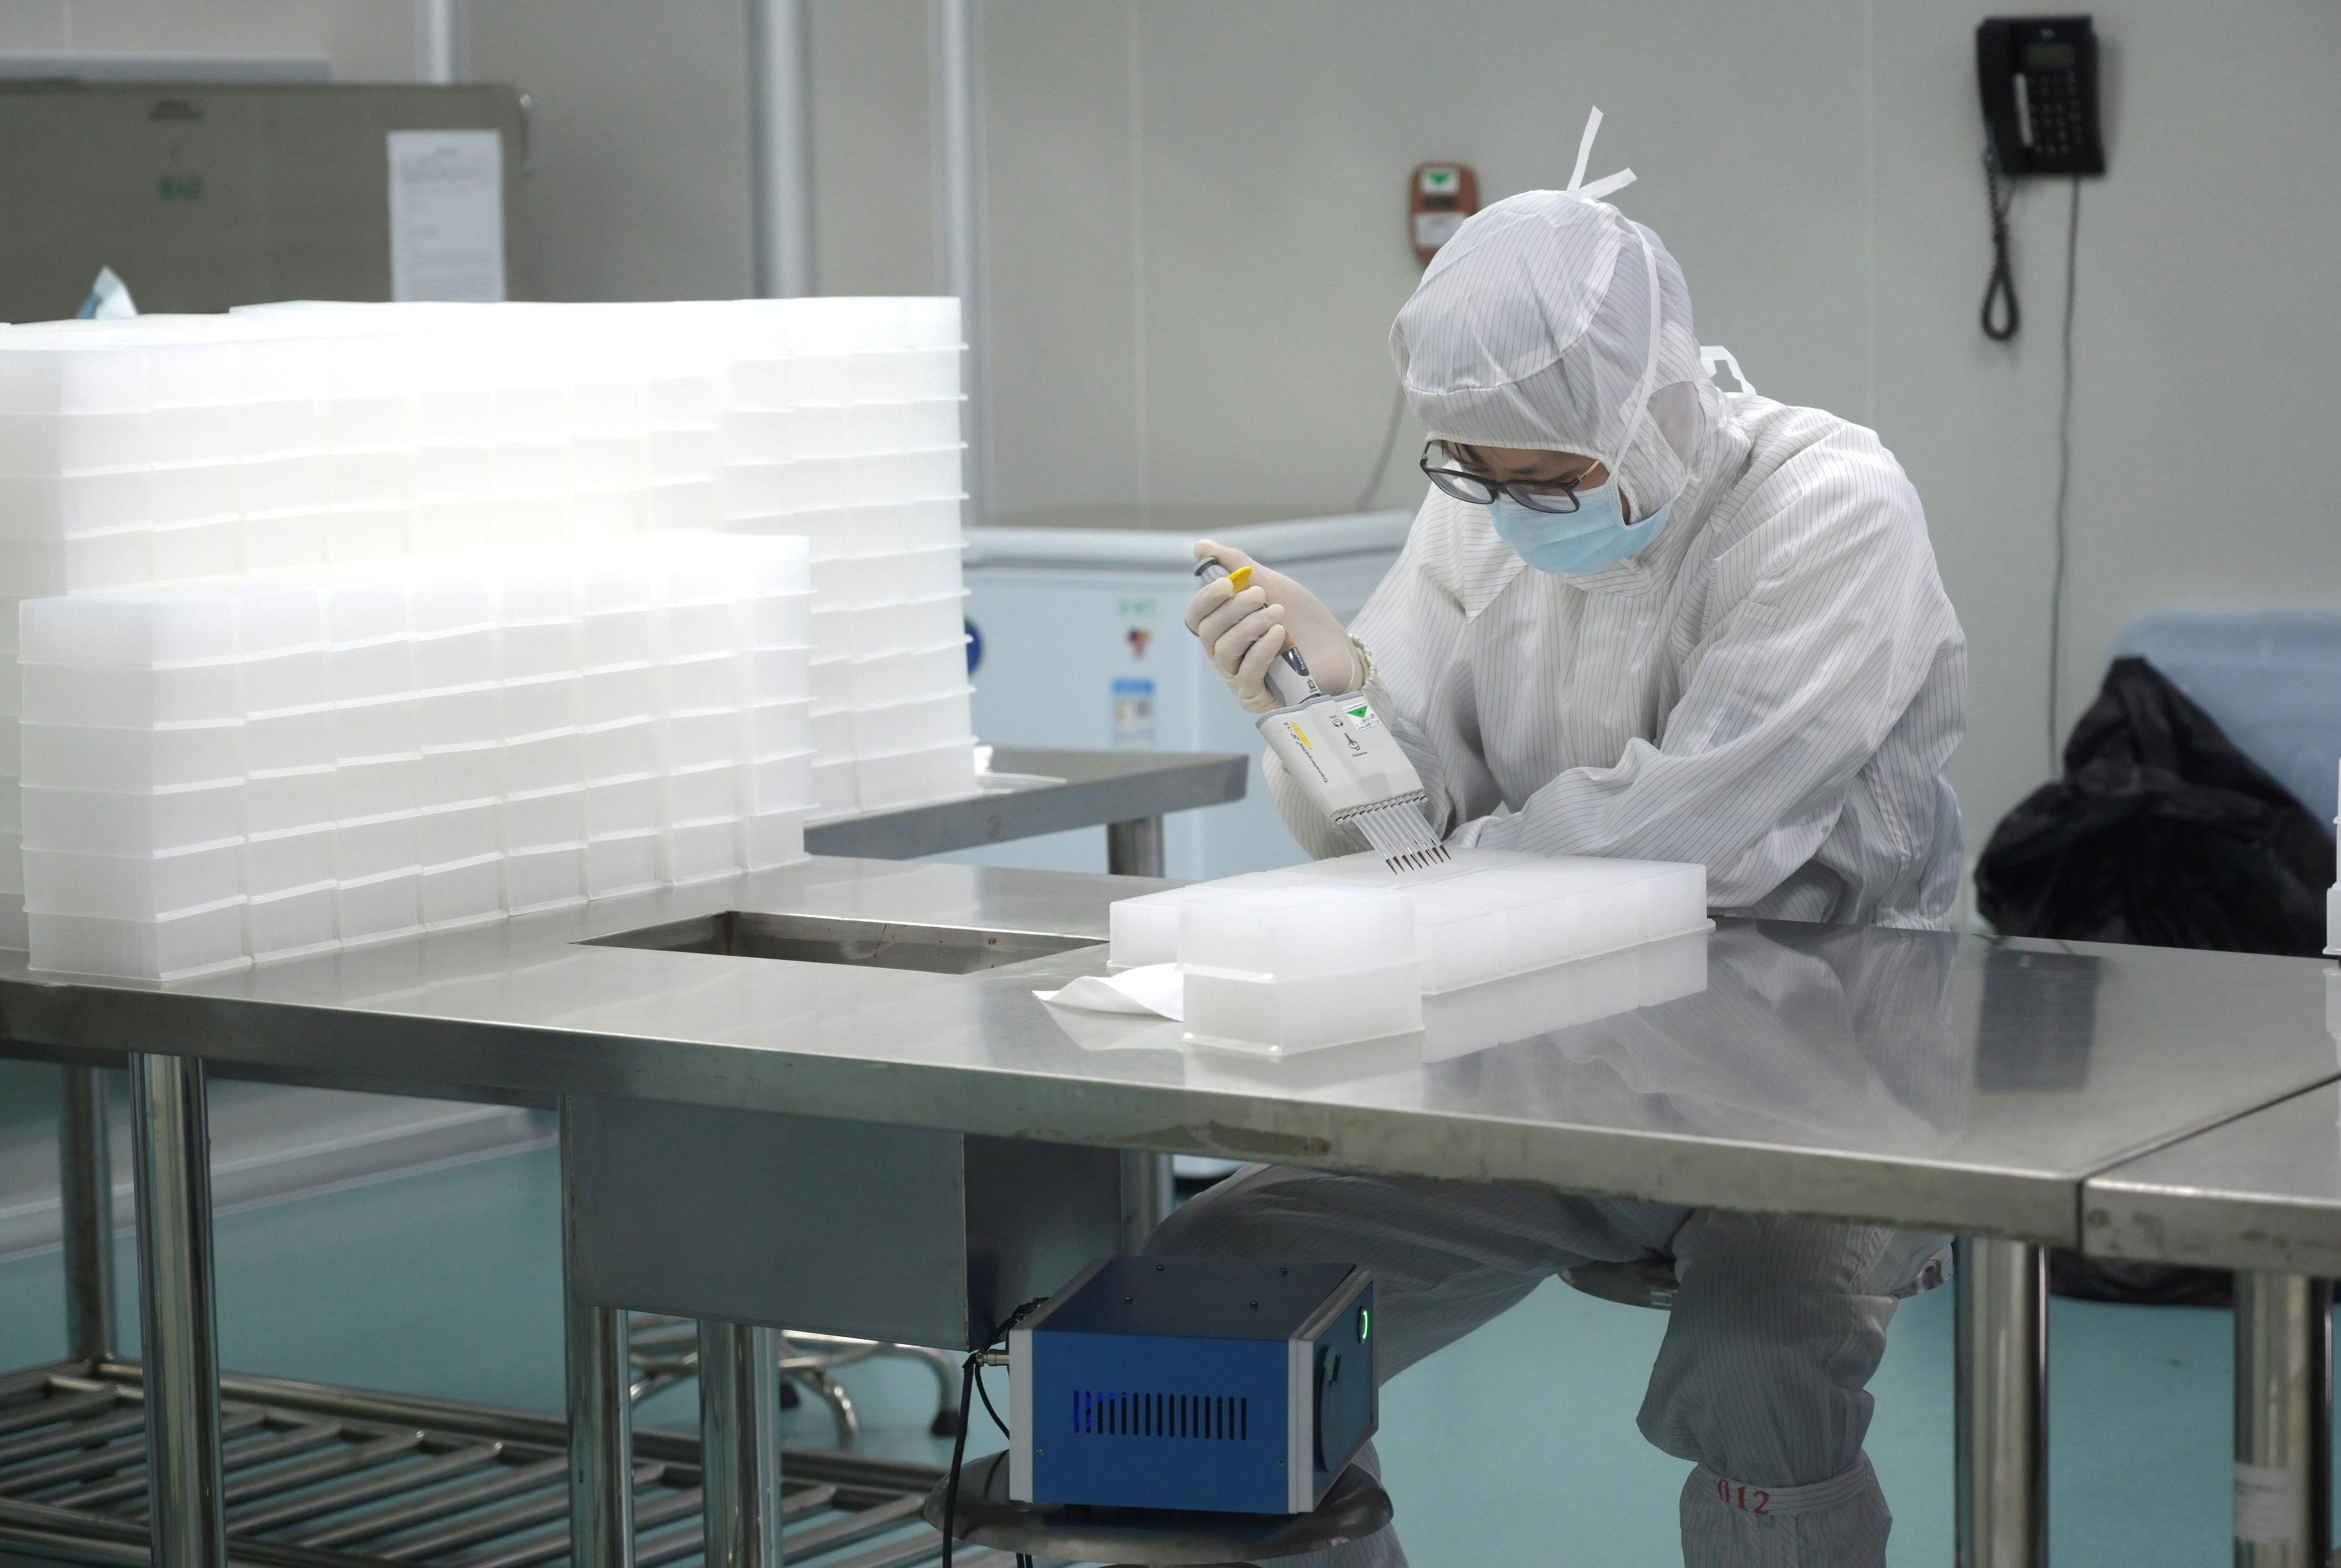 Κοροναϊός: Σε 20 μήνες διαθέσιμο το εμβόλιο για την καταπολέμηση του ιού